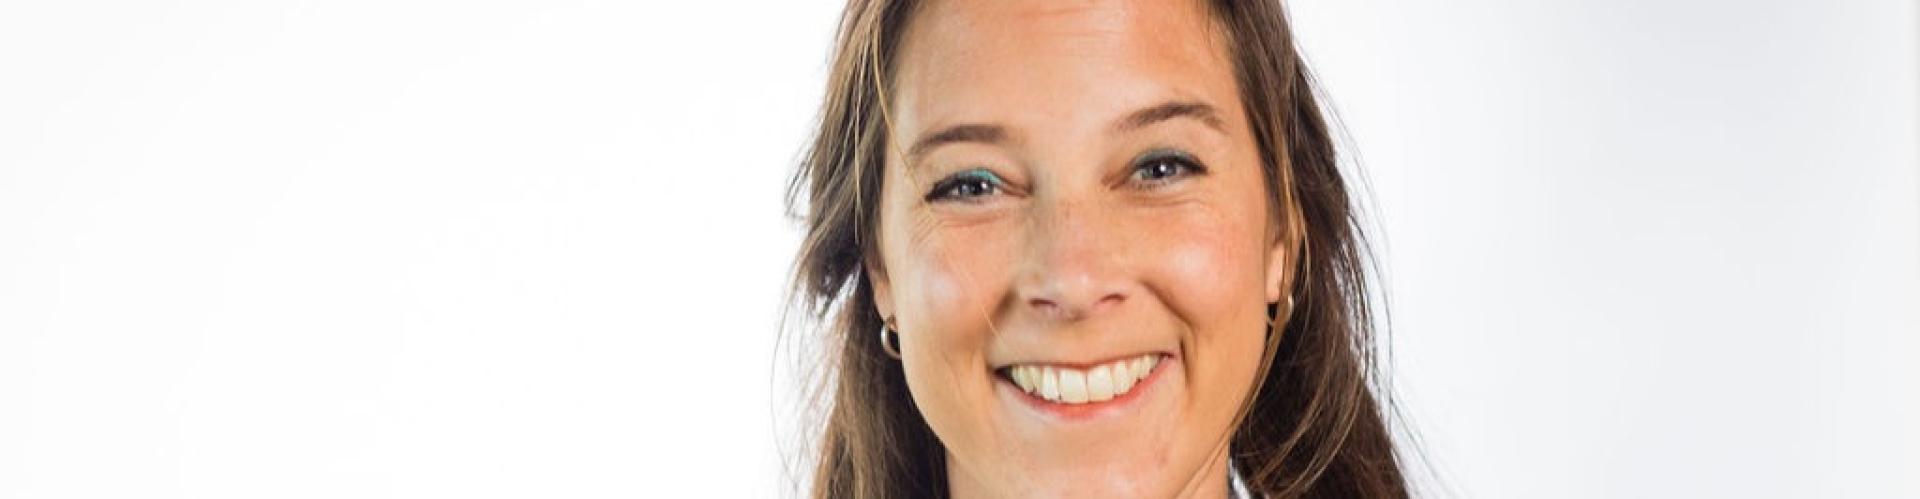 Wilma Kaptein gaat voor joy! in een duurzame wereld